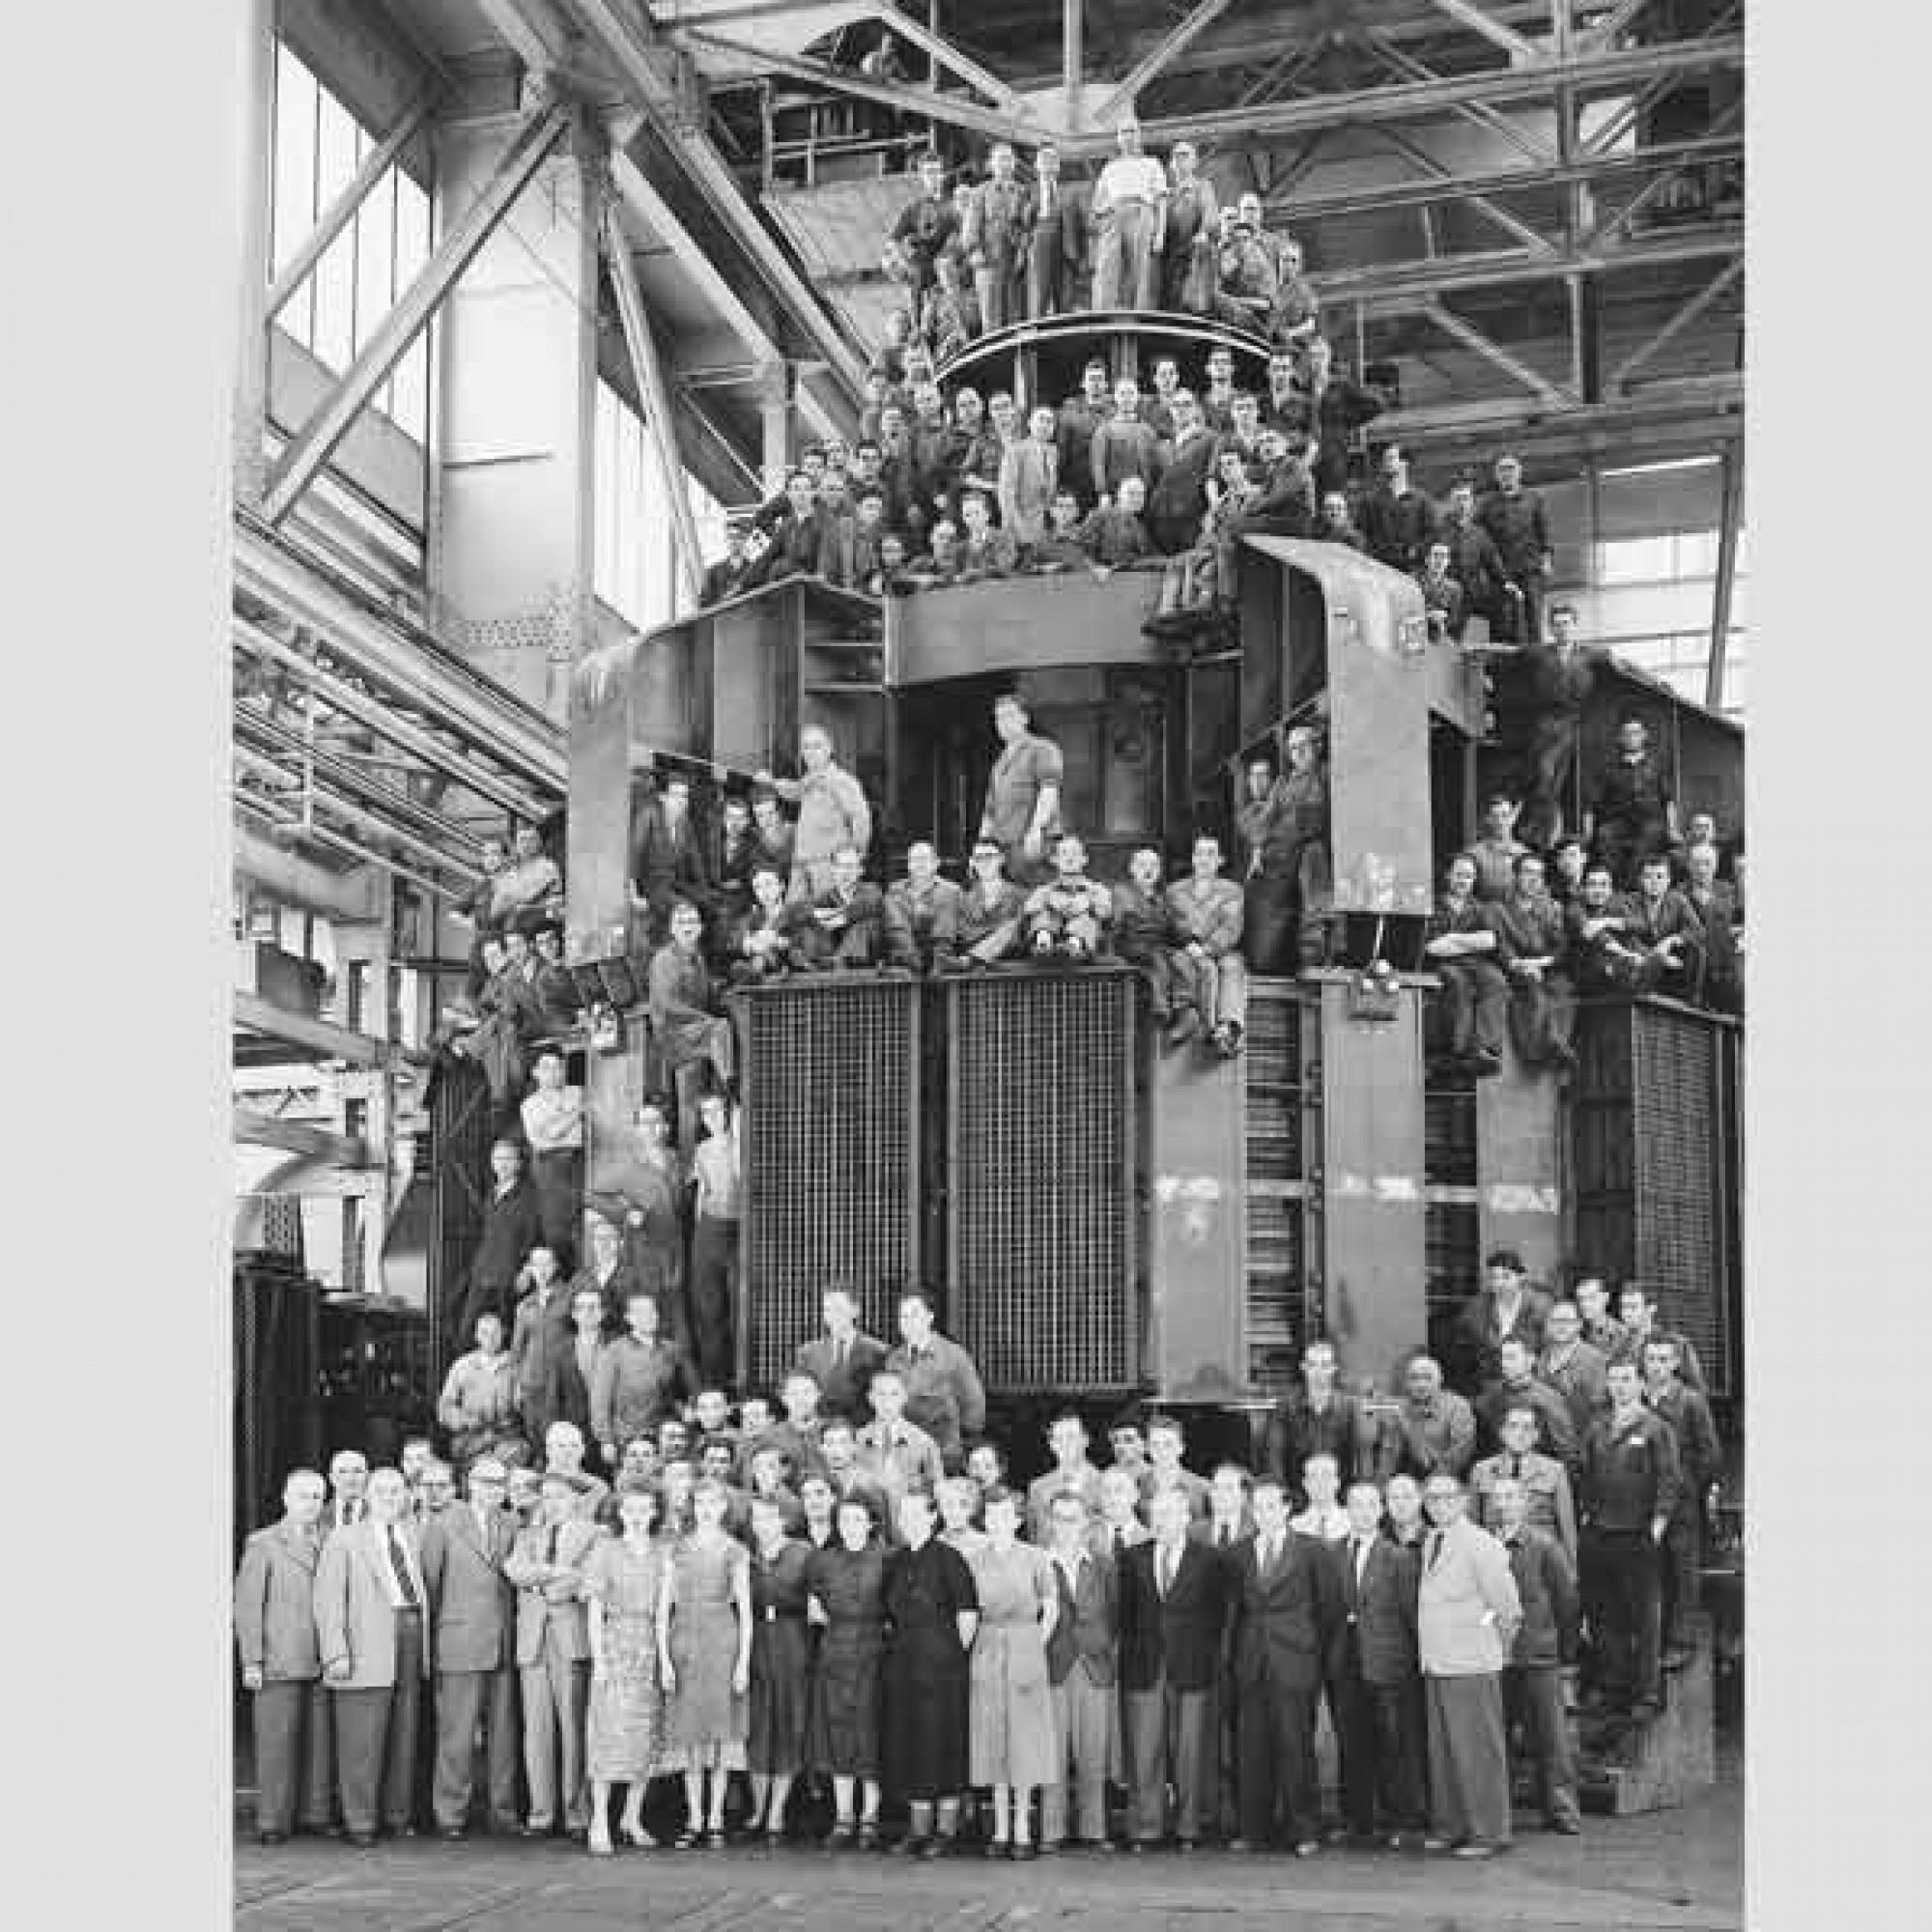 Gruppenfoto um 1952 von Angestellten der ABB mit einem Wasserkraftgenerator für das Nilkraftwerk Assuan. (Archiv-BBC) 1/3